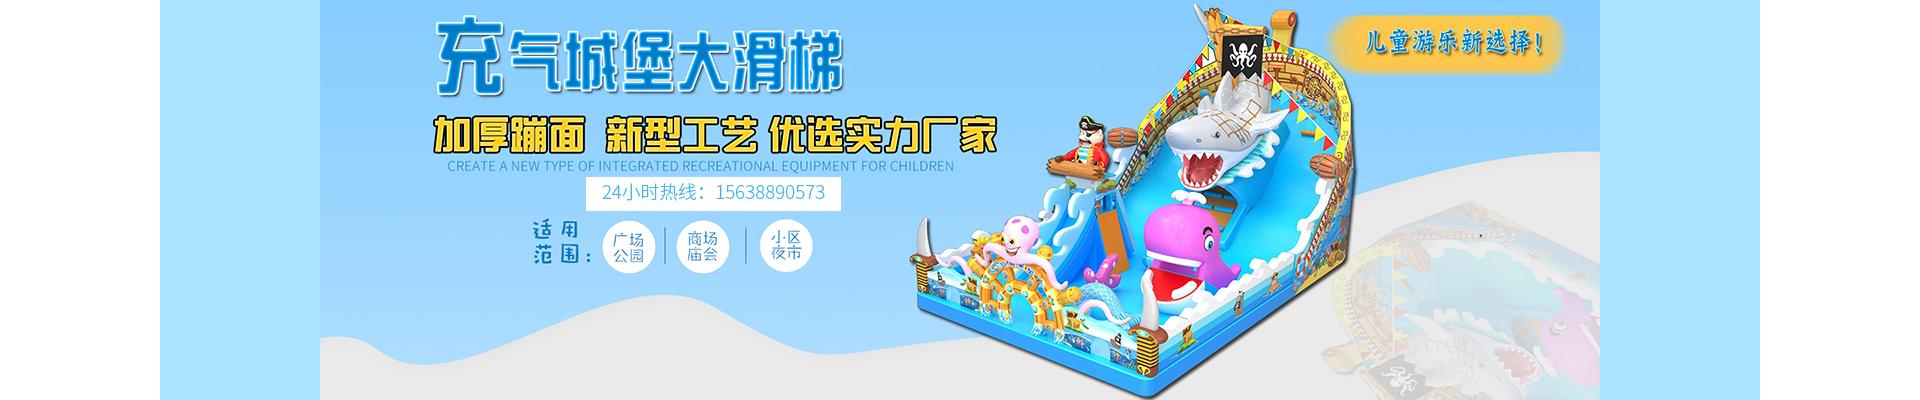 郑州百美游乐设备有限公司